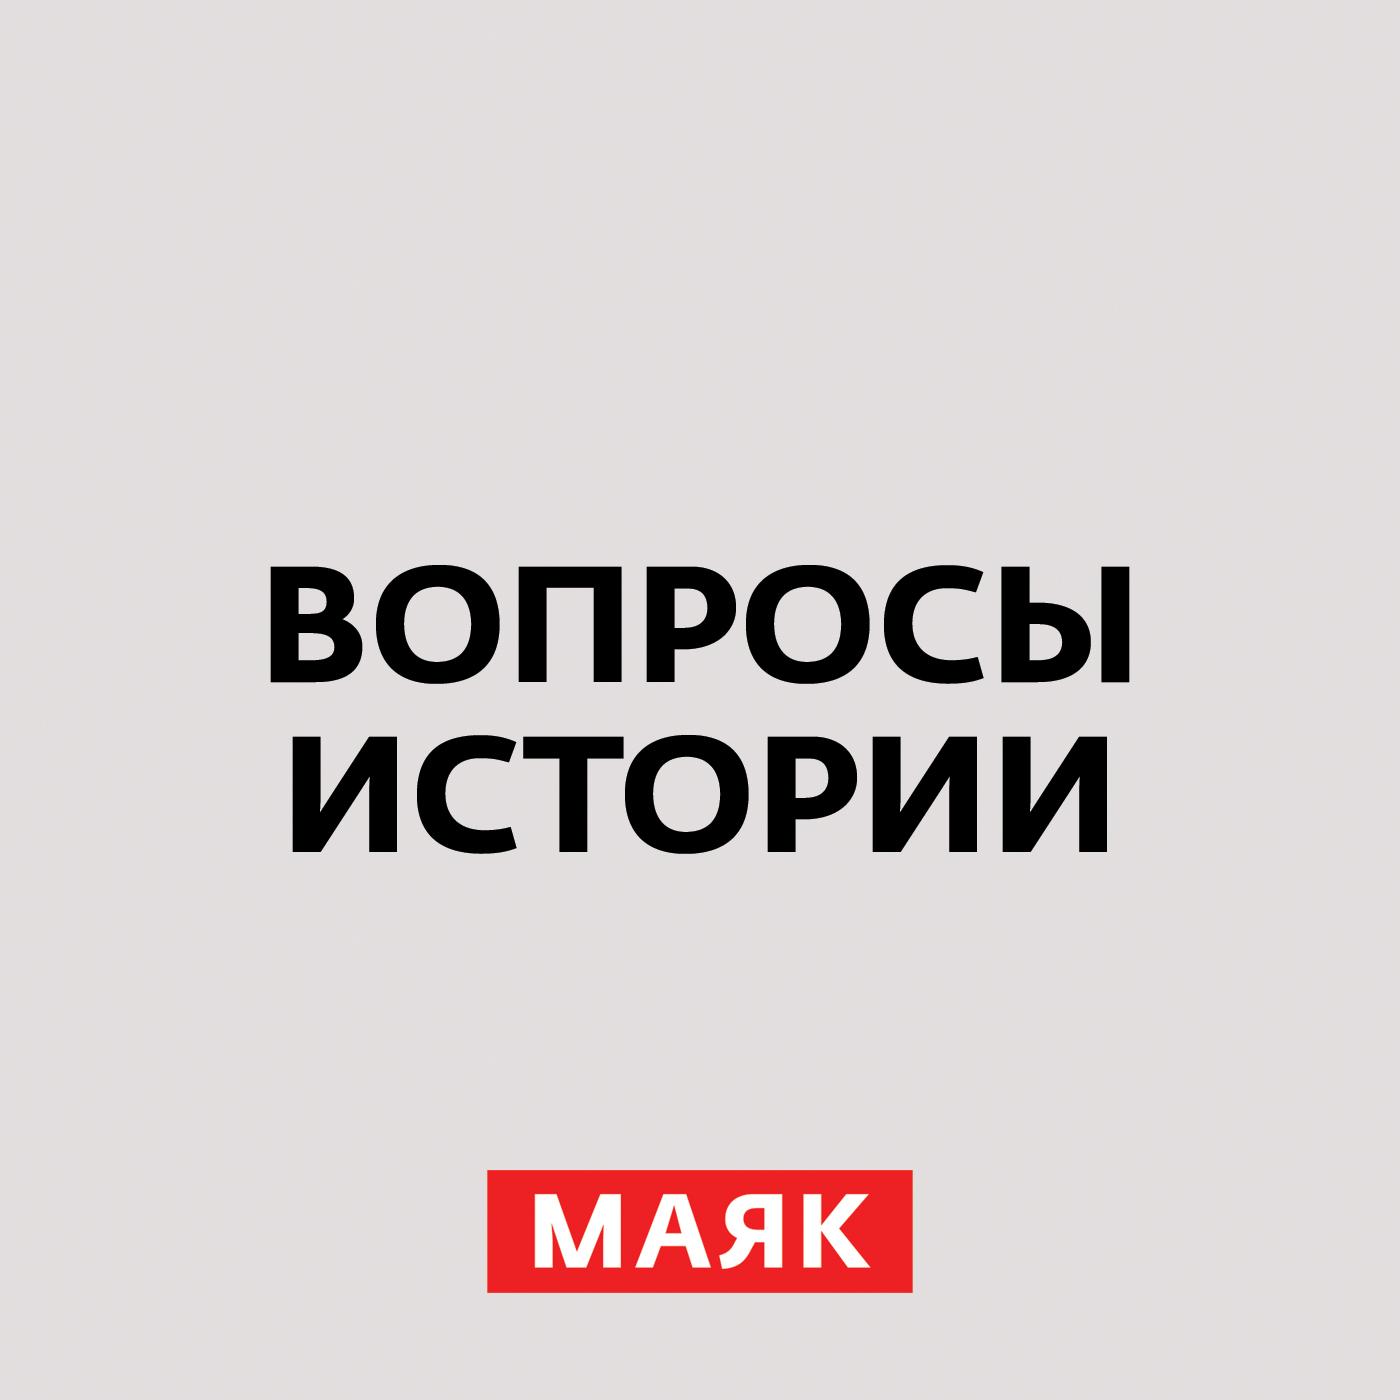 Андрей Светенко Августовский путч: за что гибли люди на улицах? Часть 2 андрей светенко битва за москву часть 2